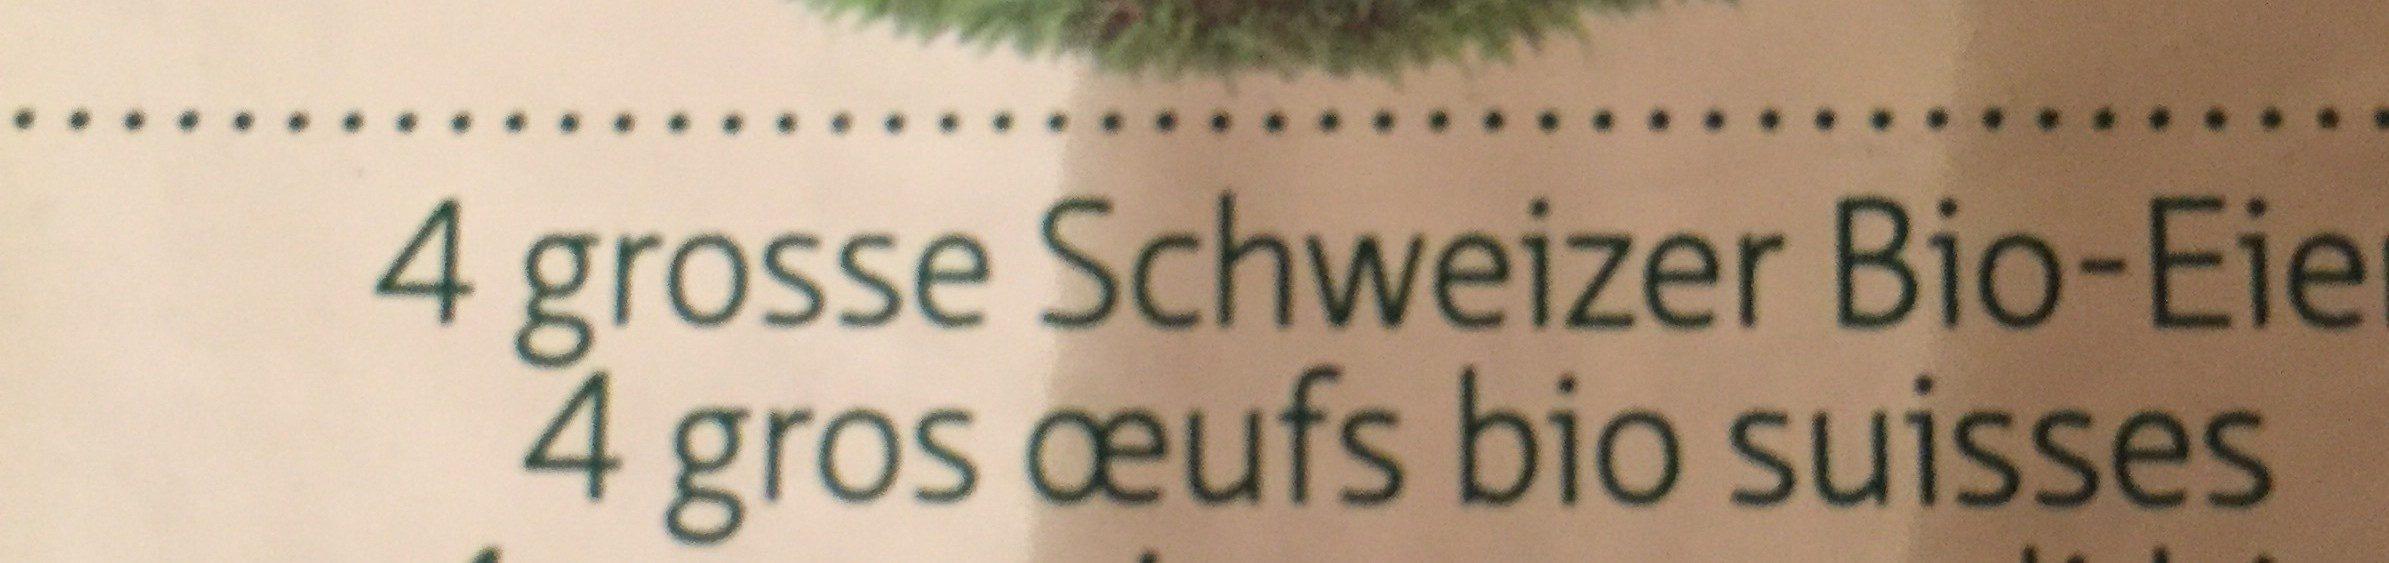 4 gros oeufs bio suisses - Ingredients - fr